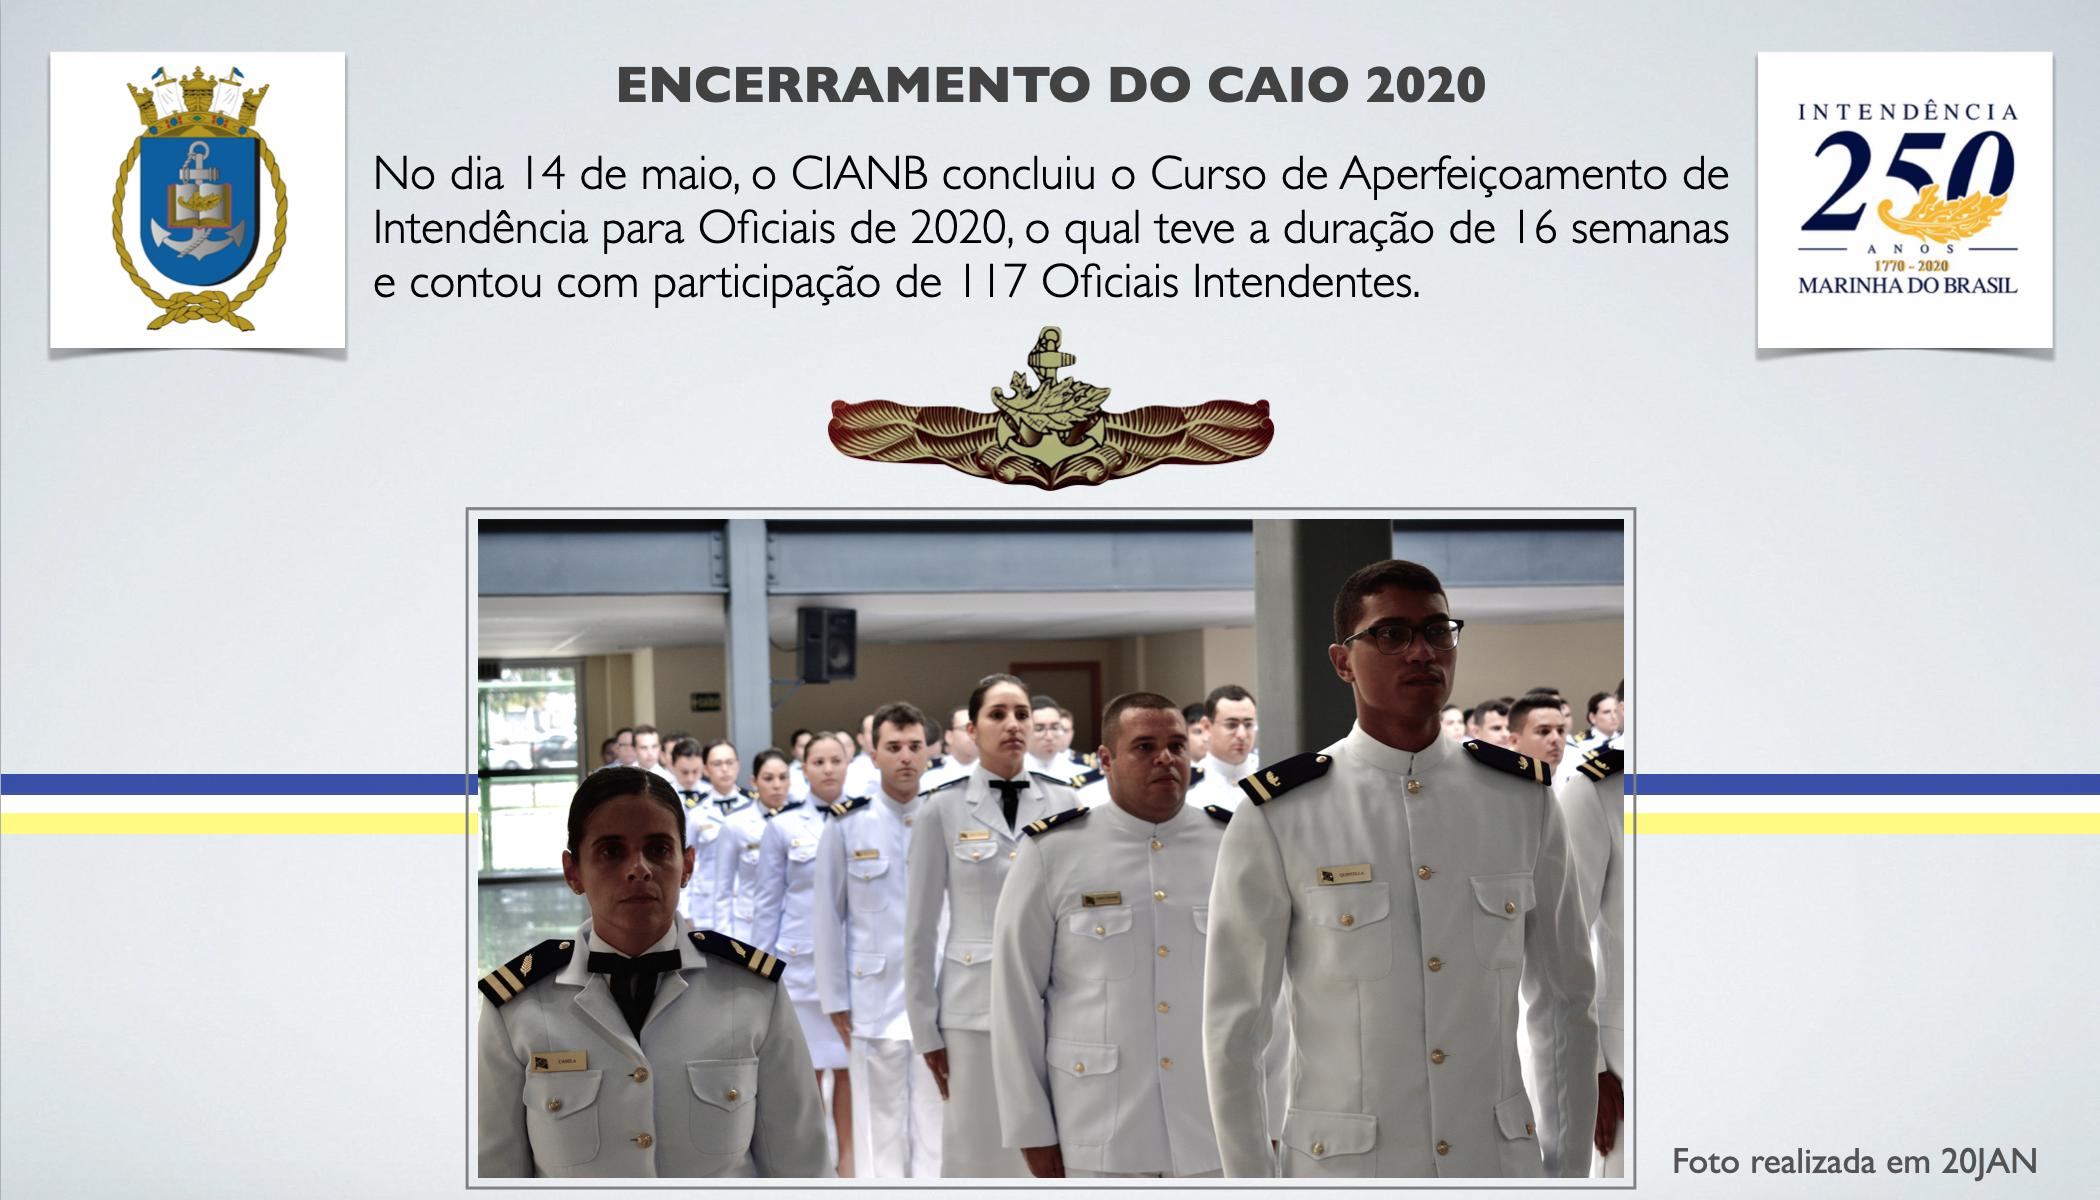 BANNER CAIO 1.2020